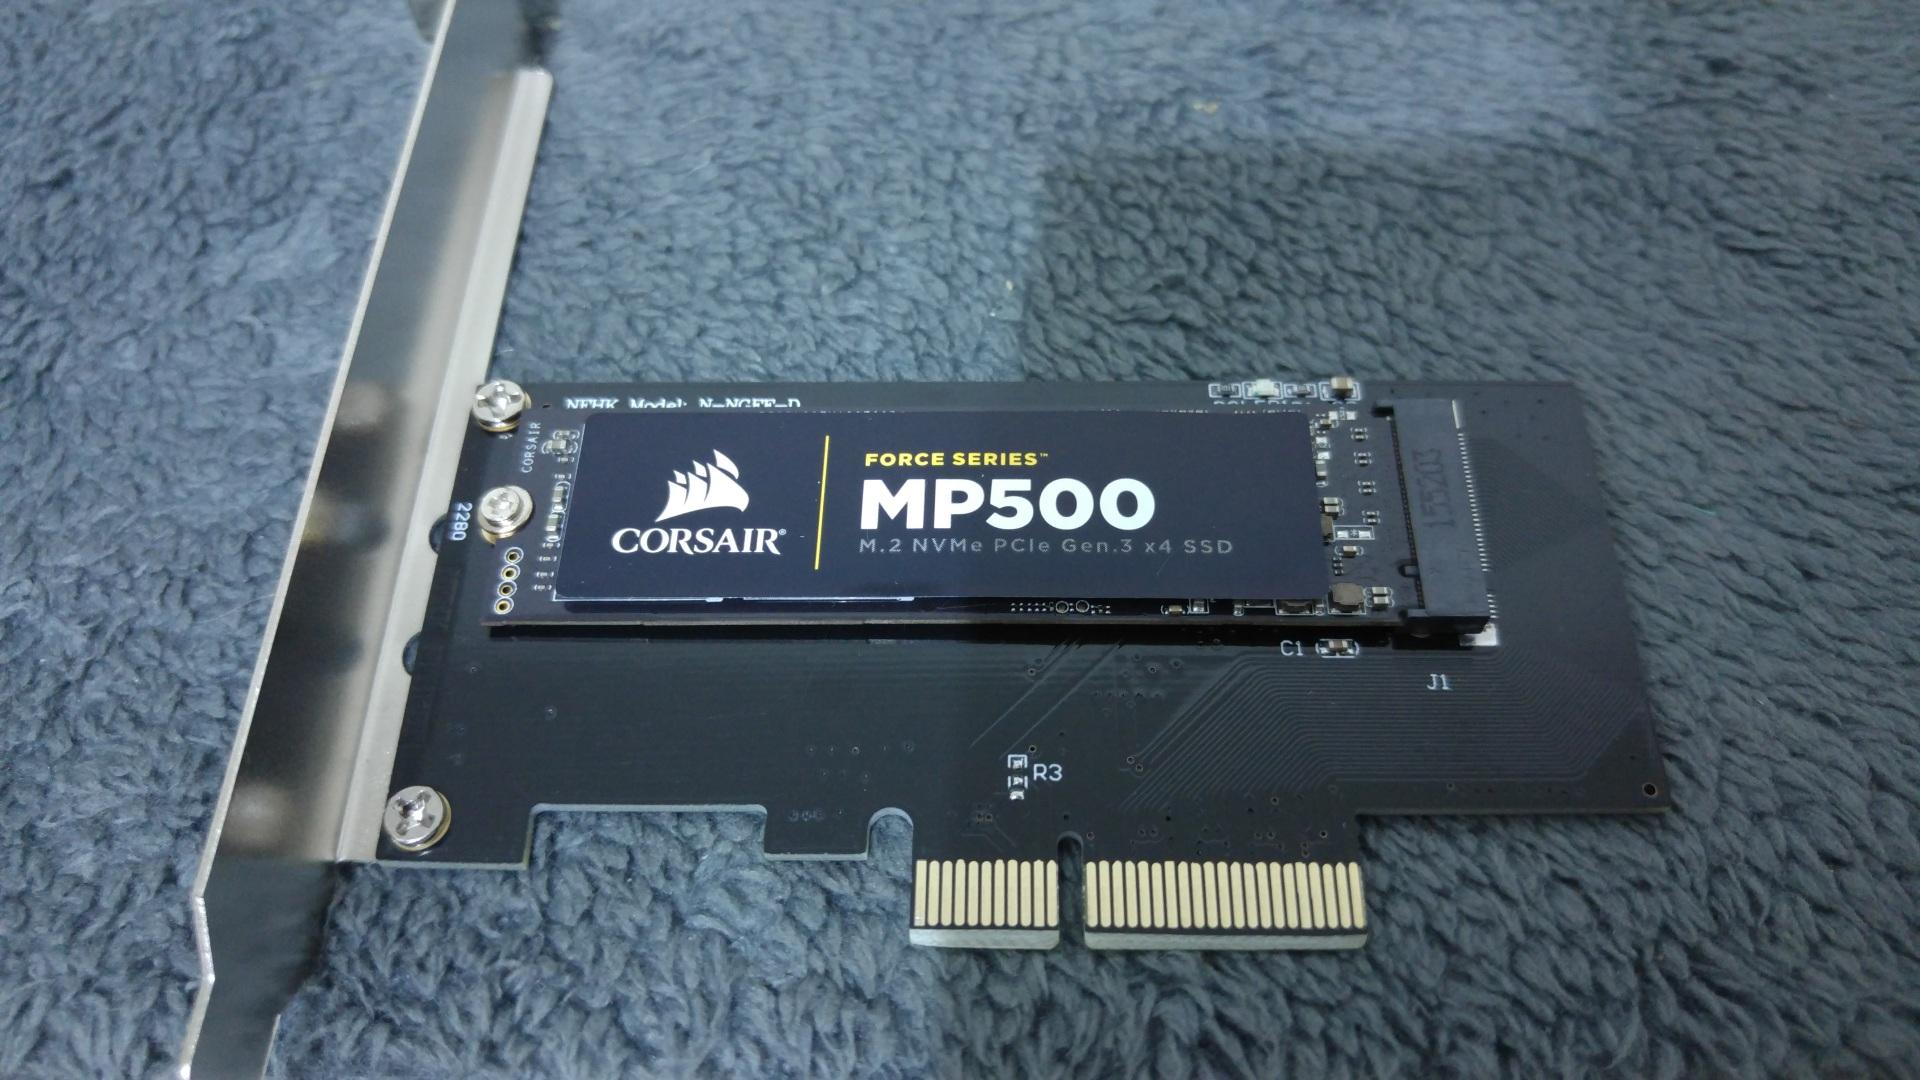 Corsair_Nvme_MP500_240gb.jpg